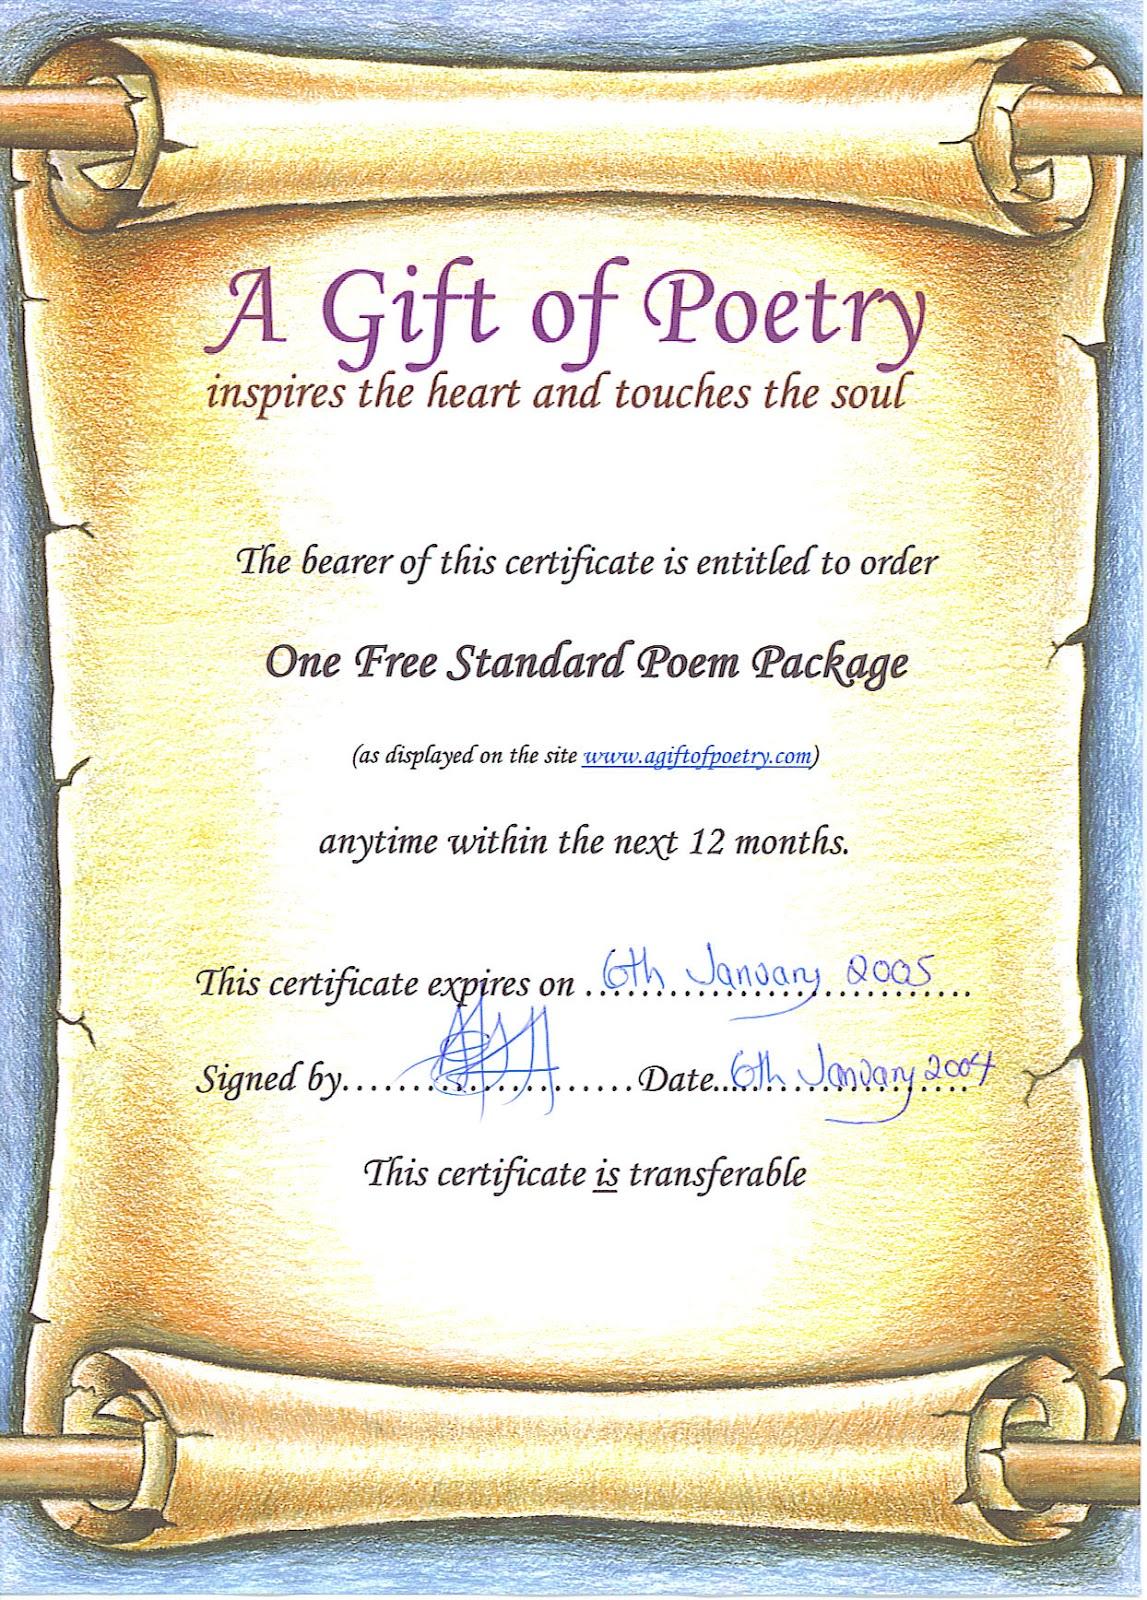 17 Years Weding Aniversary Gift 010 - 17 Years Weding Aniversary Gift